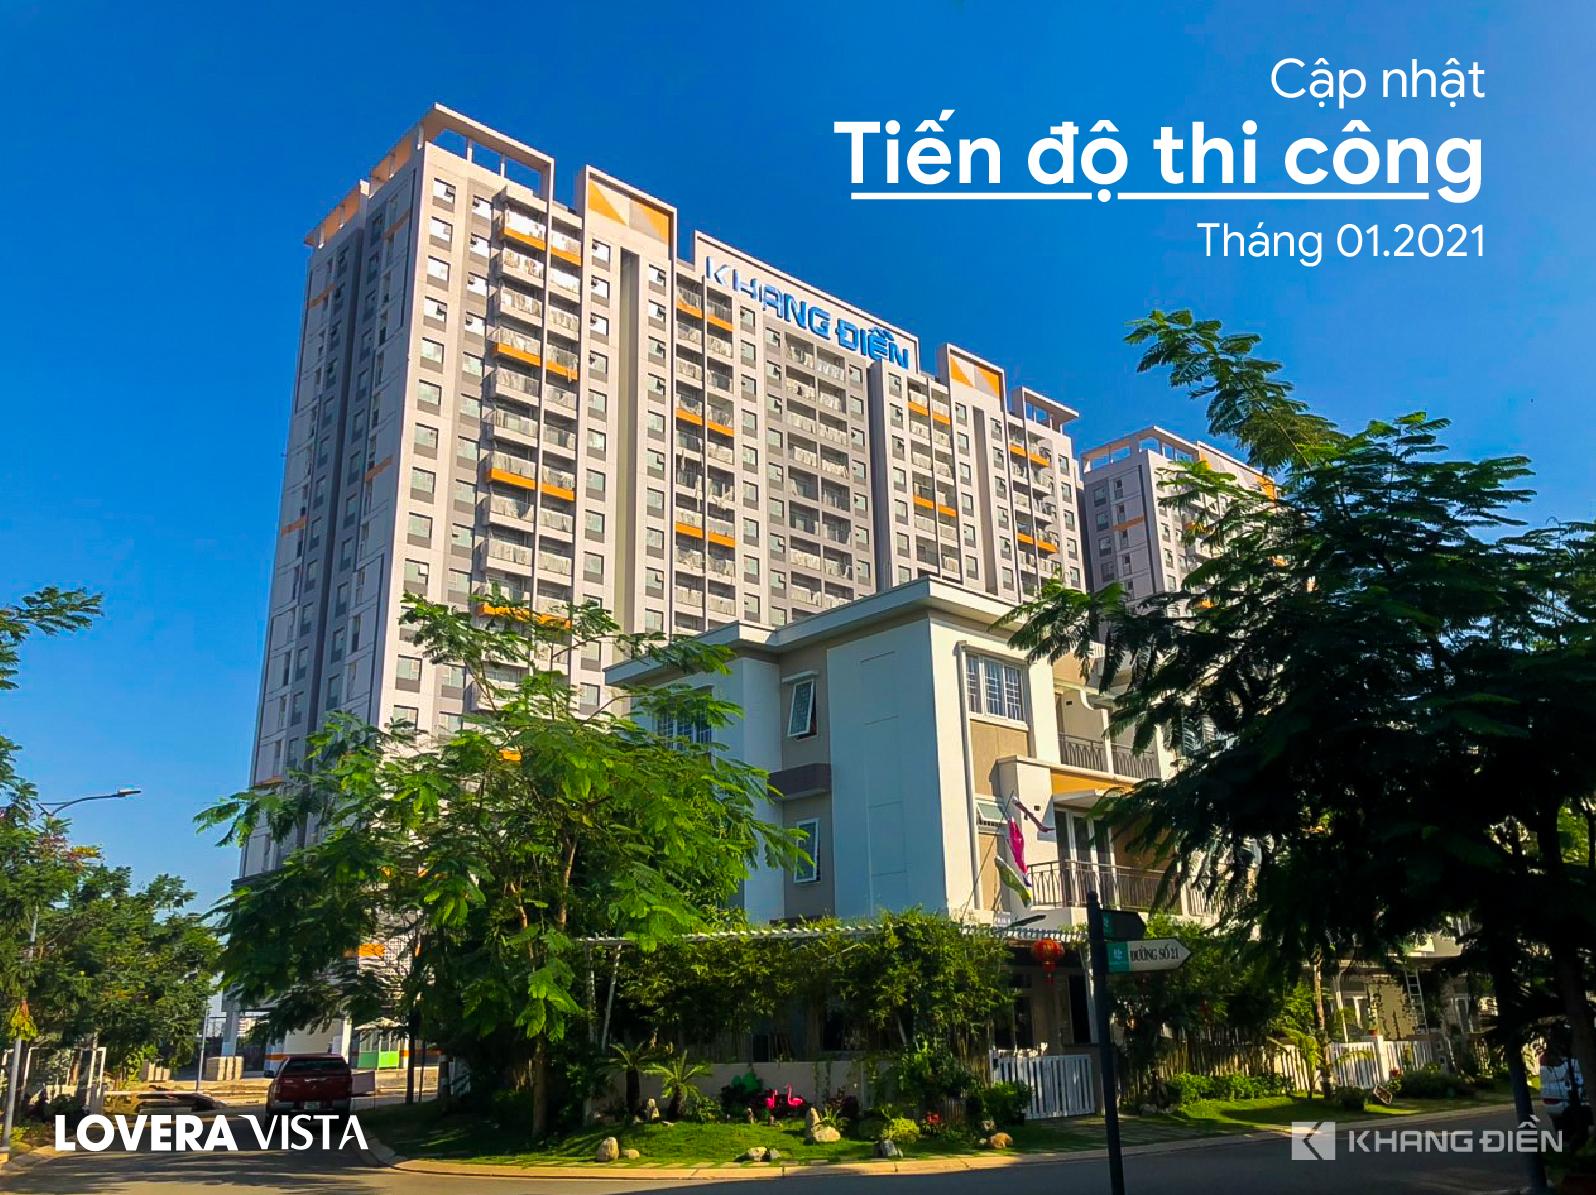 Tiến đô căn hộ Lovera Vista Khang Điền Bình Chánh